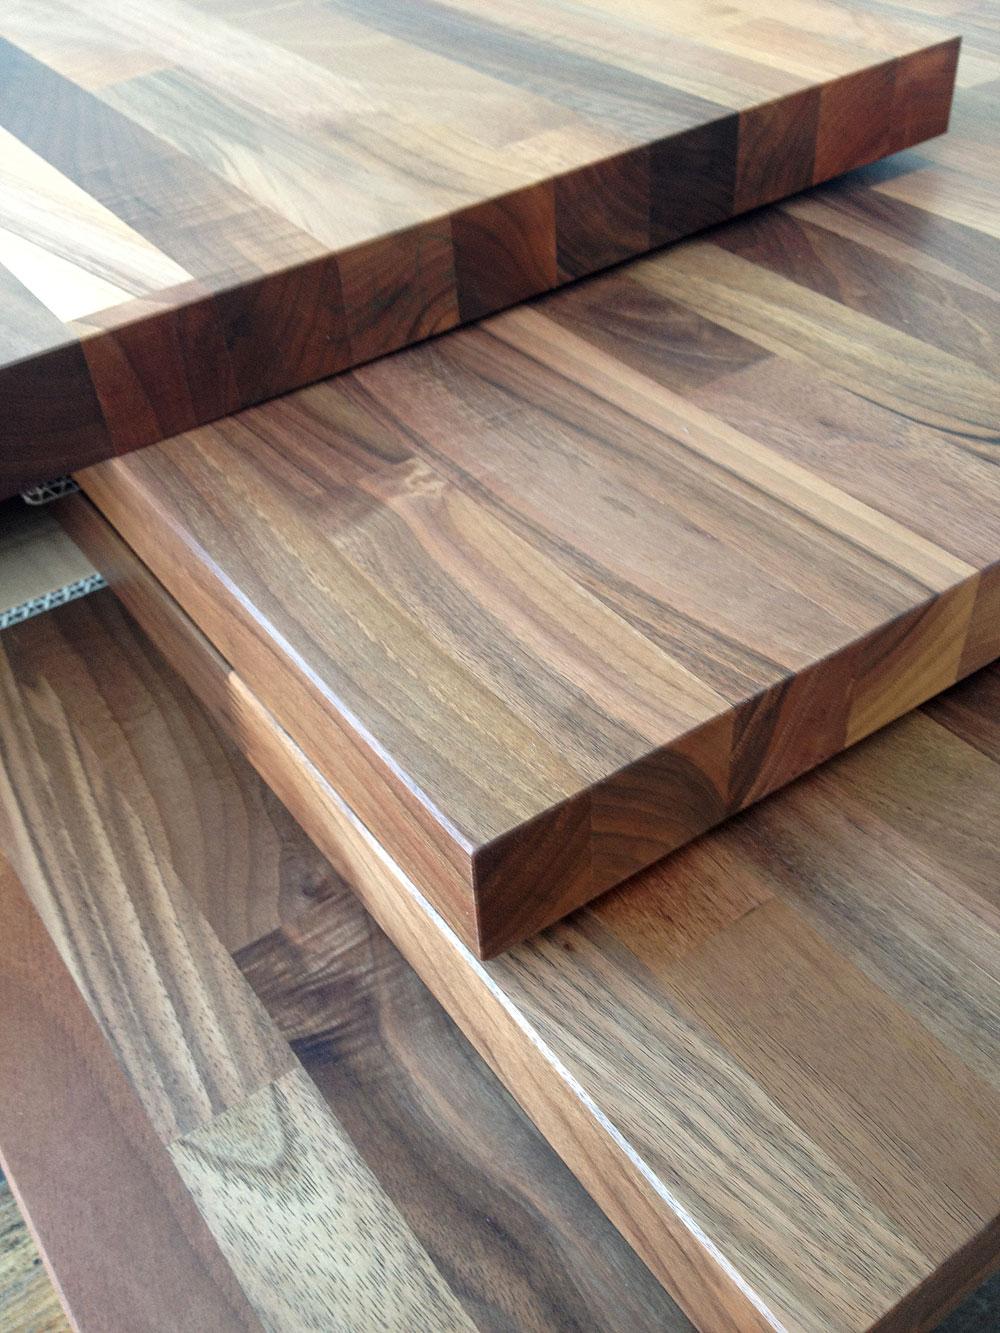 Massivholz arbeitsplatte  Küchenarbeitsplatte Massivholz Europäischer Nussbaum kgz FSC® 40 ...